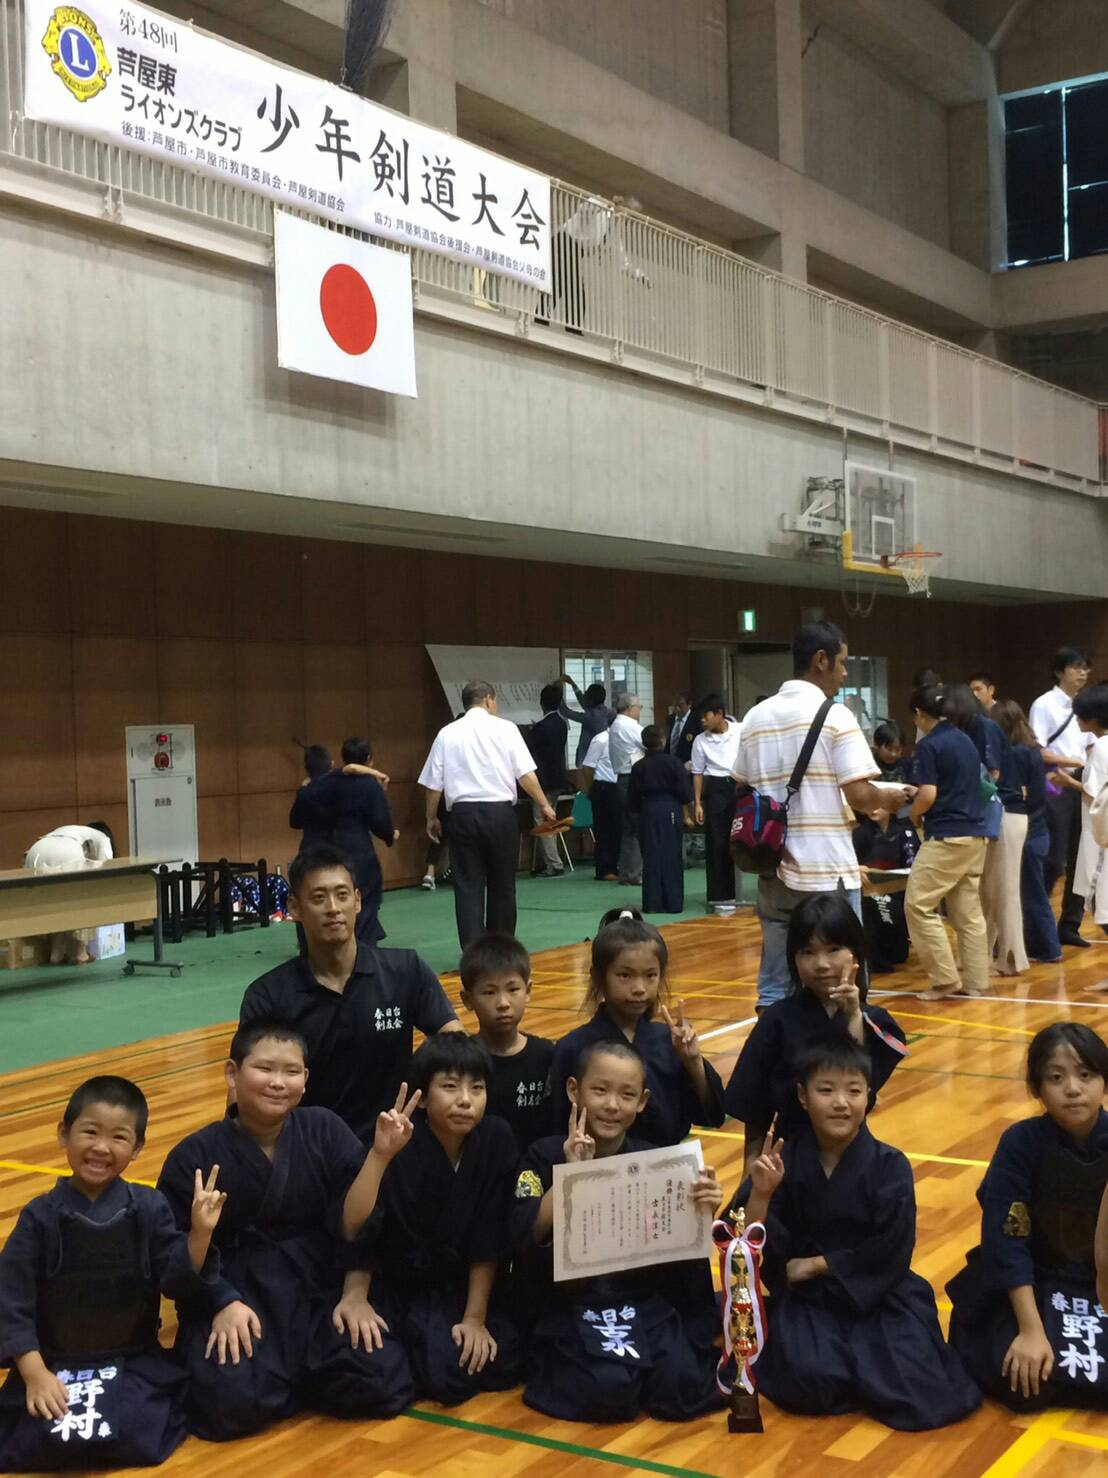 芦屋東ライオンズクラブ少年剣道大会に参加しました